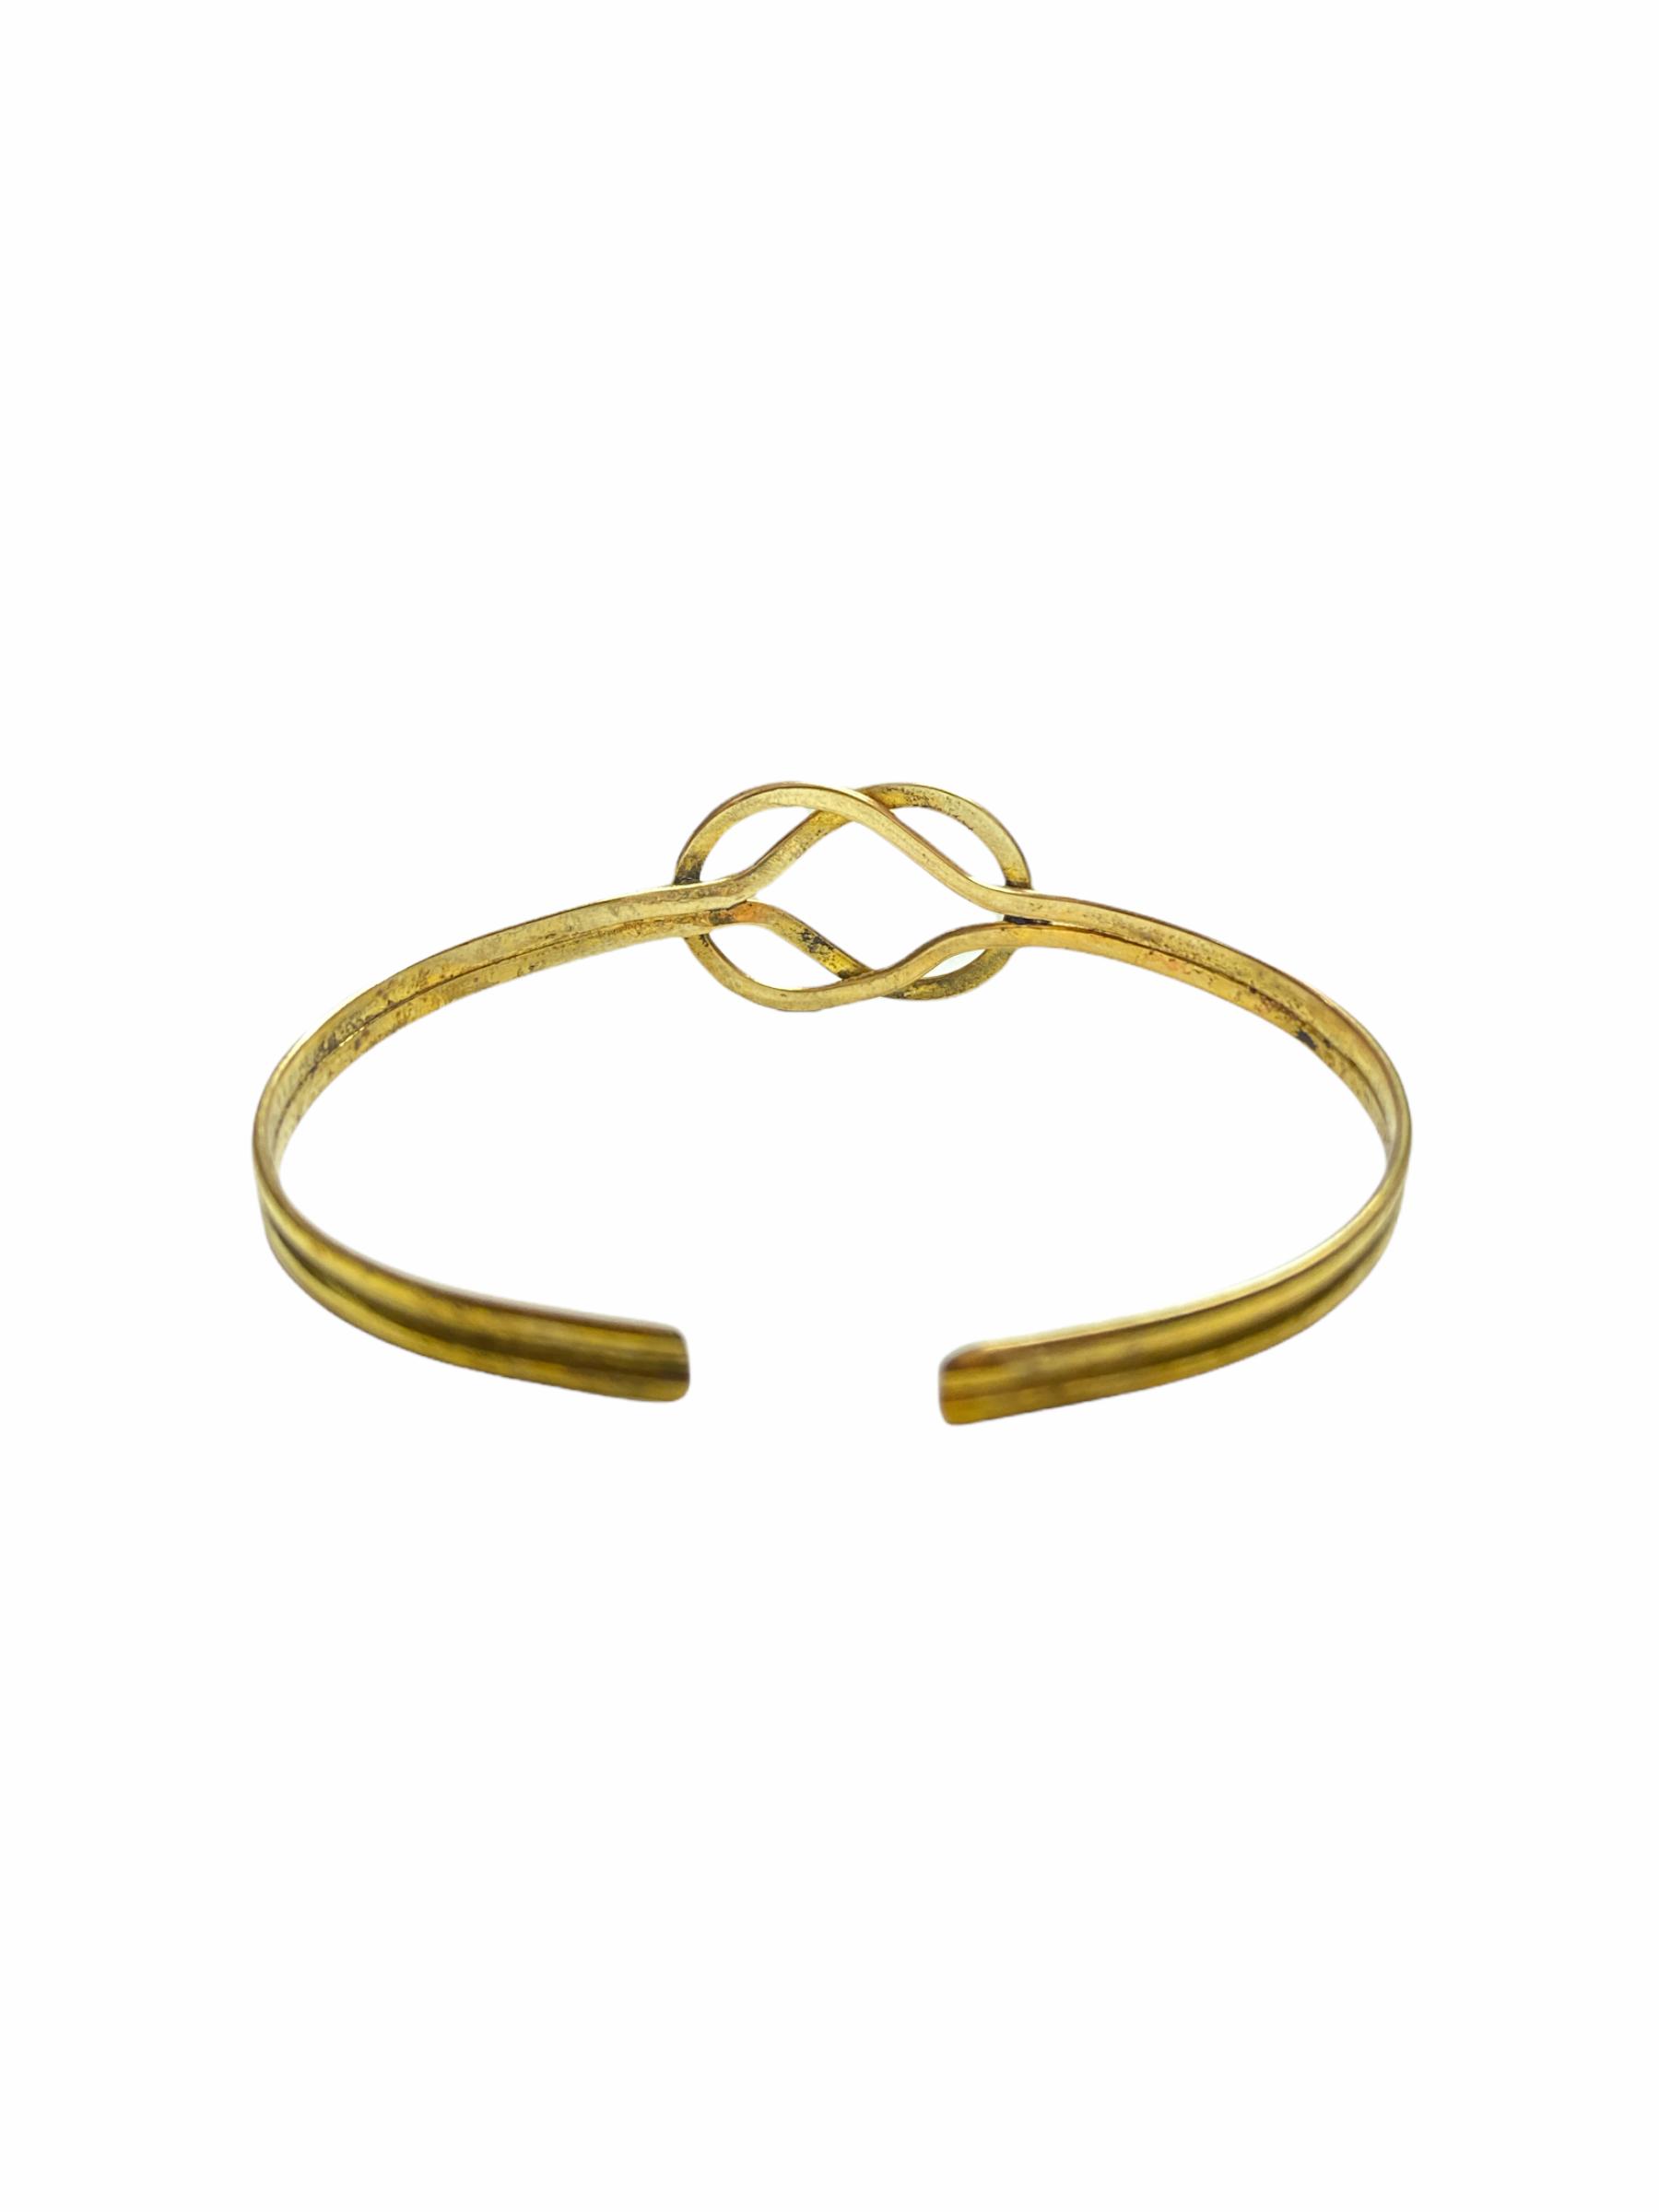 Βραχιόλι Χειροποίητο Tribal Σχήμα Σε Χρυσό Χρώμα